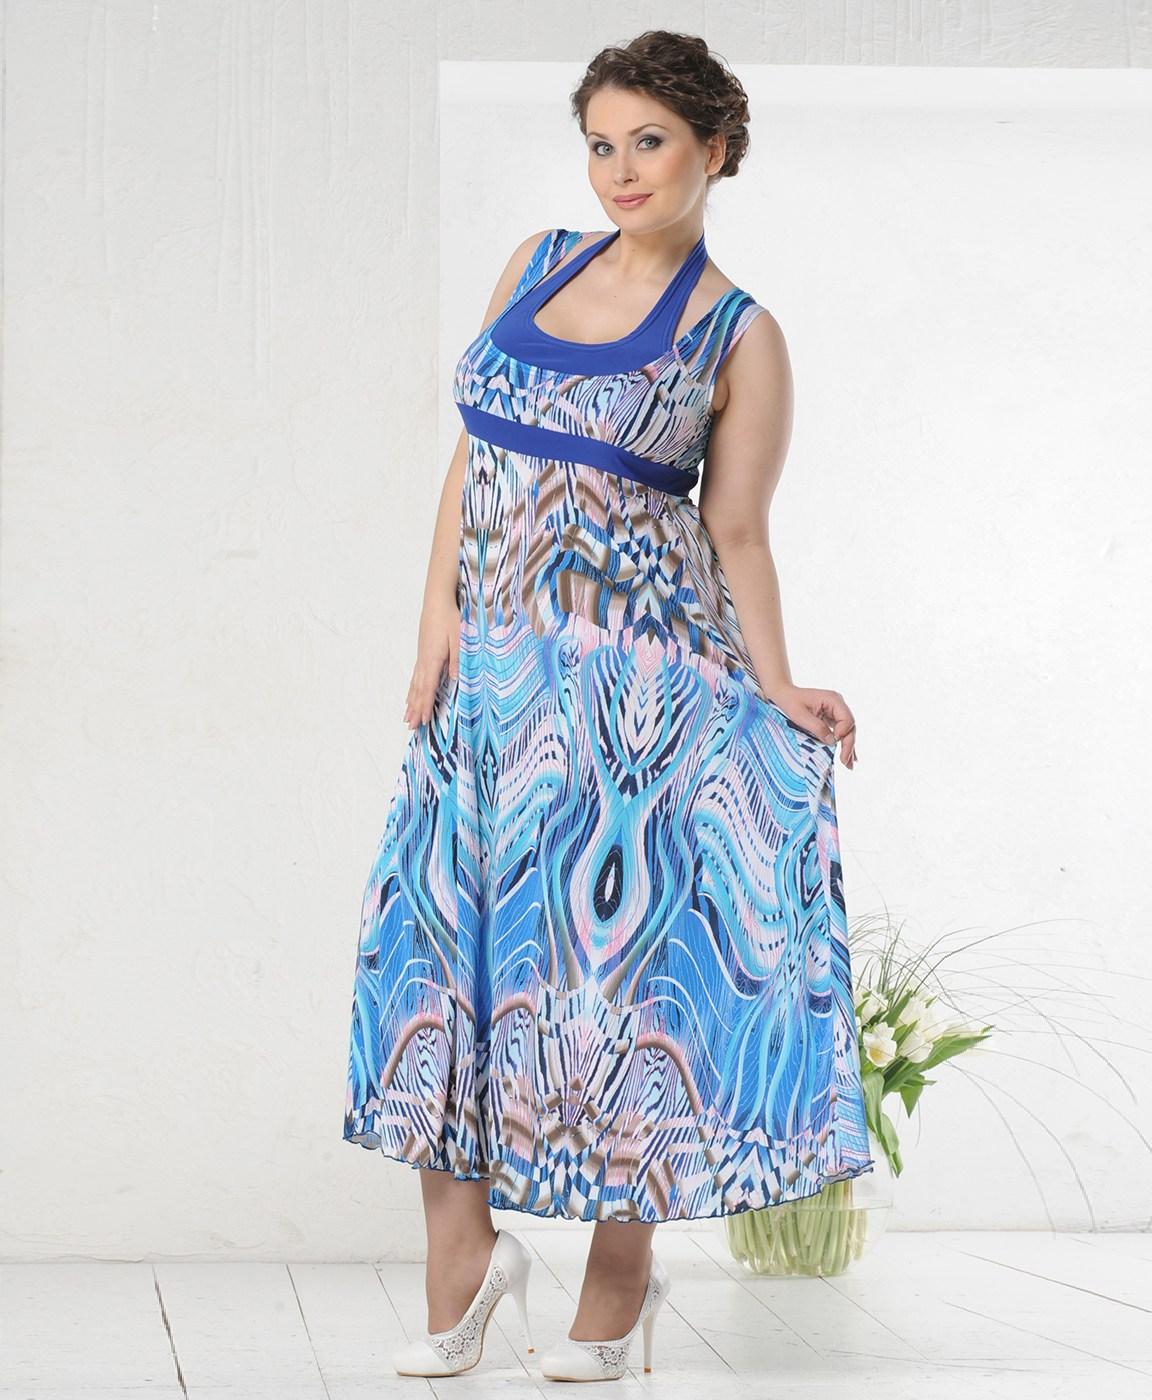 Літні сукні-разлетайки для повних  безпрограшний варіант 2018 19cc5a52d1d0d